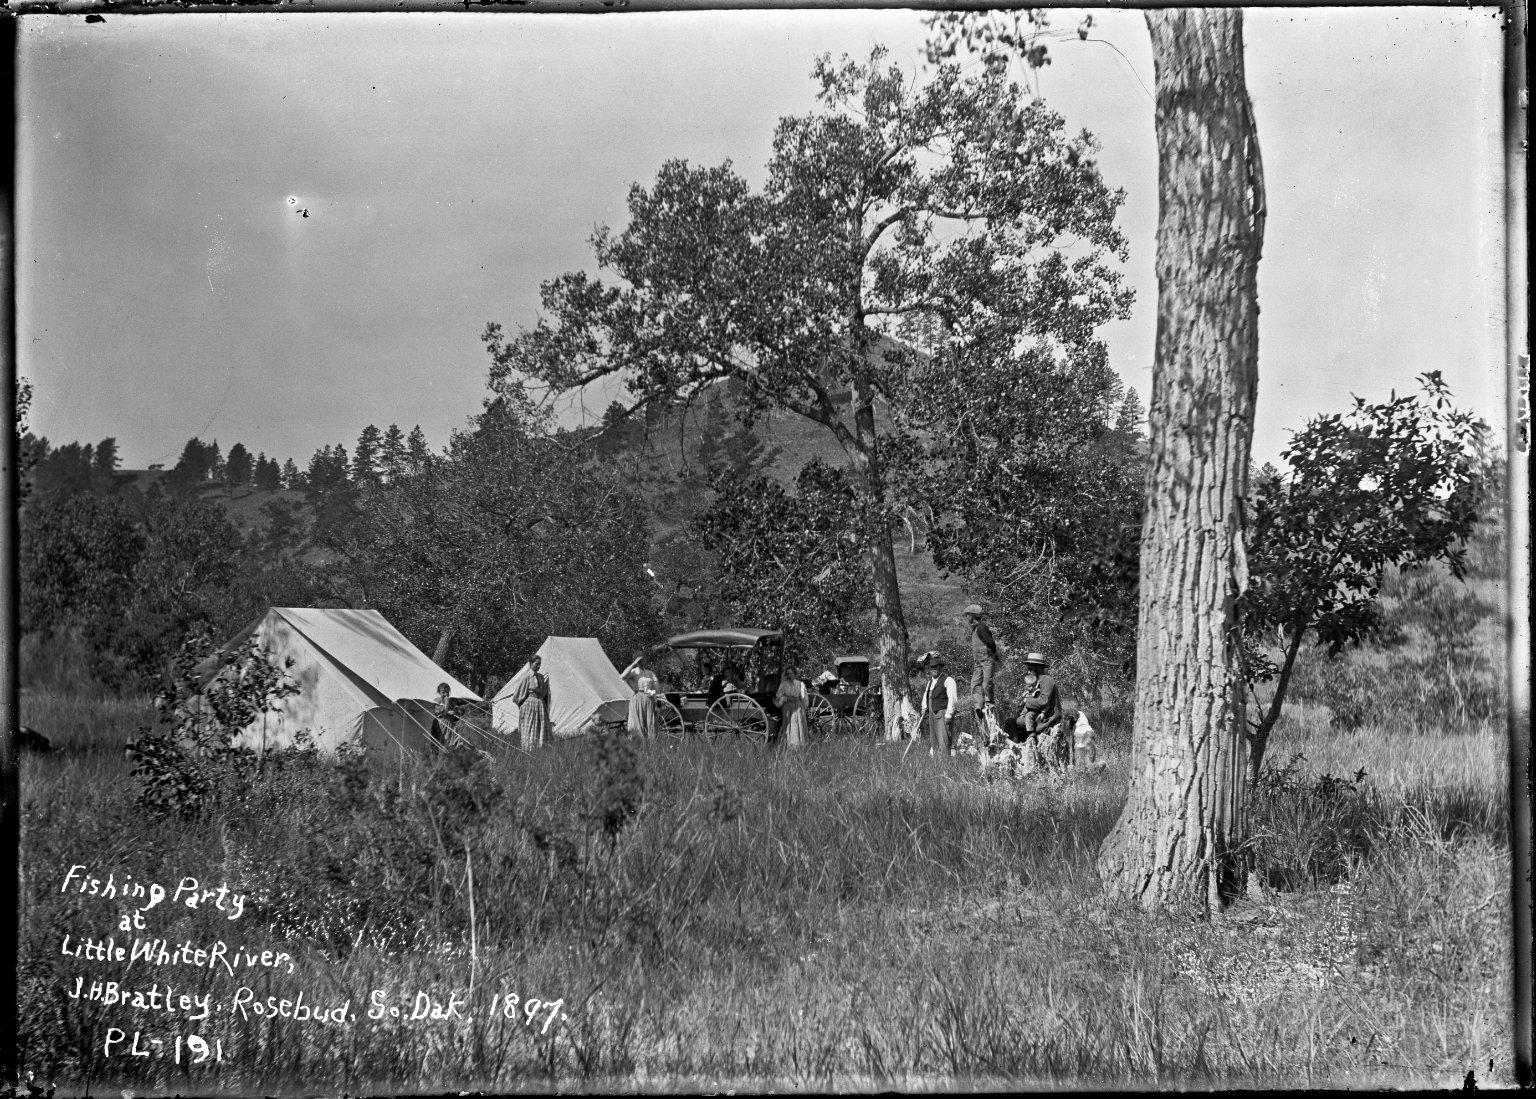 Teacher's camp on White River